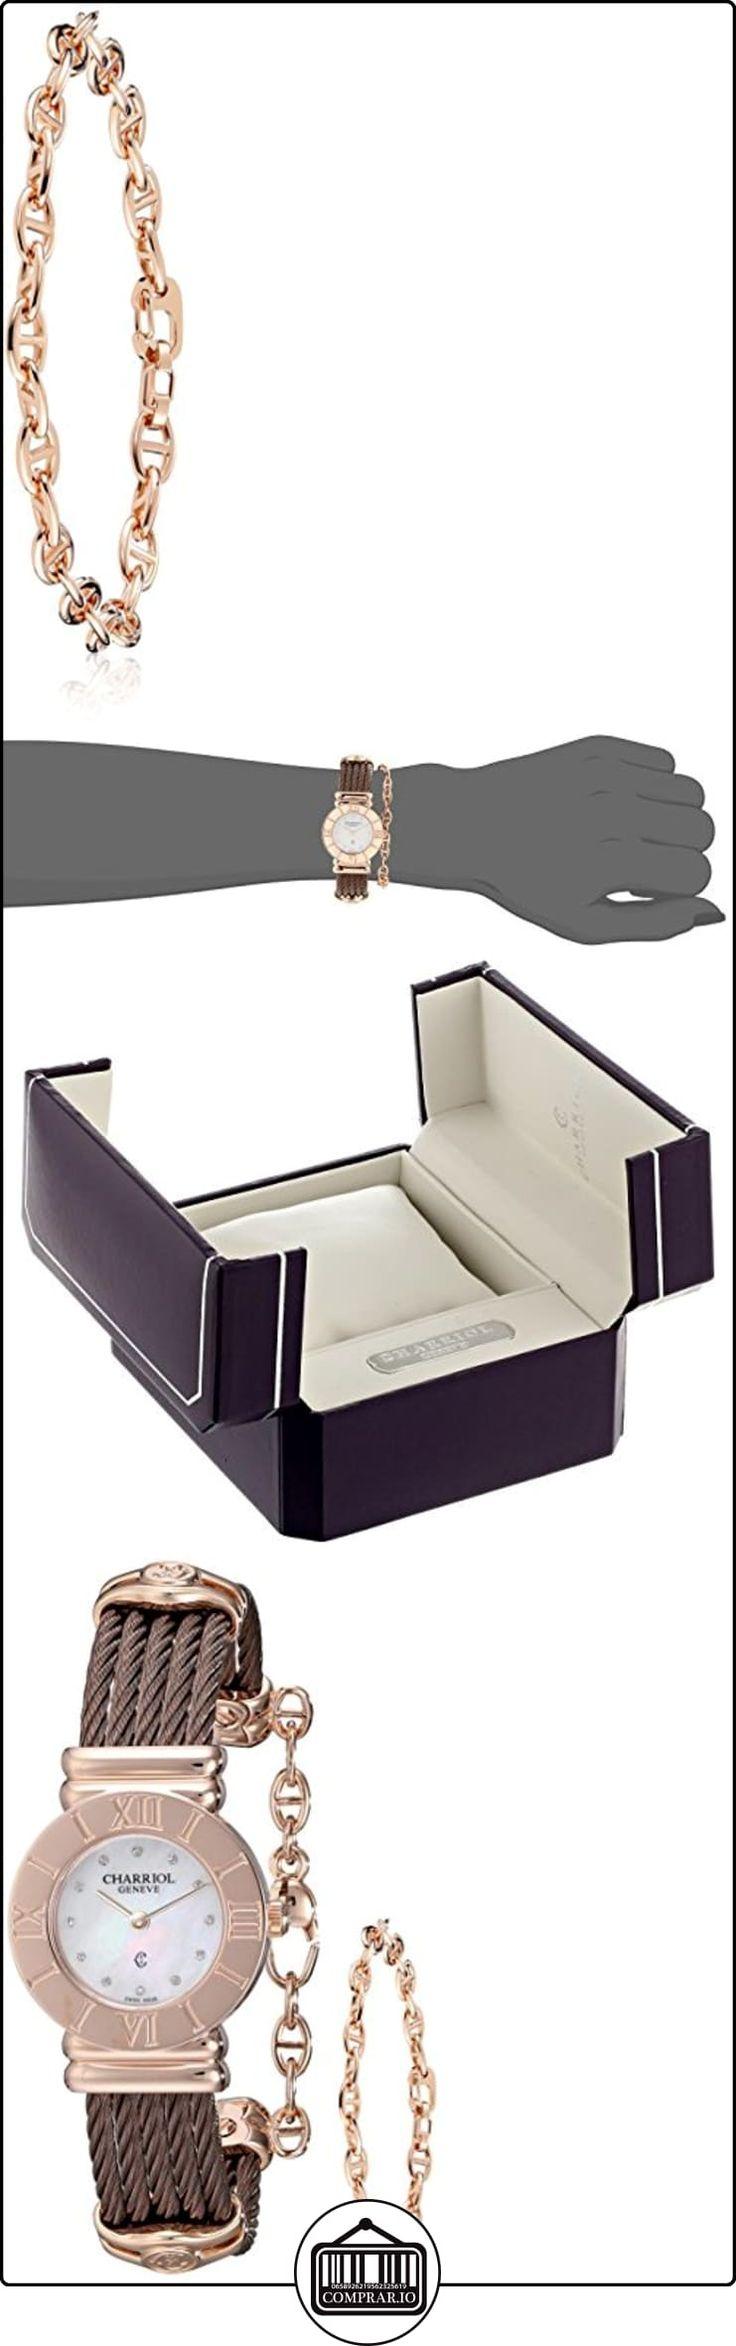 Charriol St-Tropez Women's 24mm Brown Steel Bracelet & Case Watch 028RP.543.326  ✿ Relojes para mujer - (Lujo) ✿